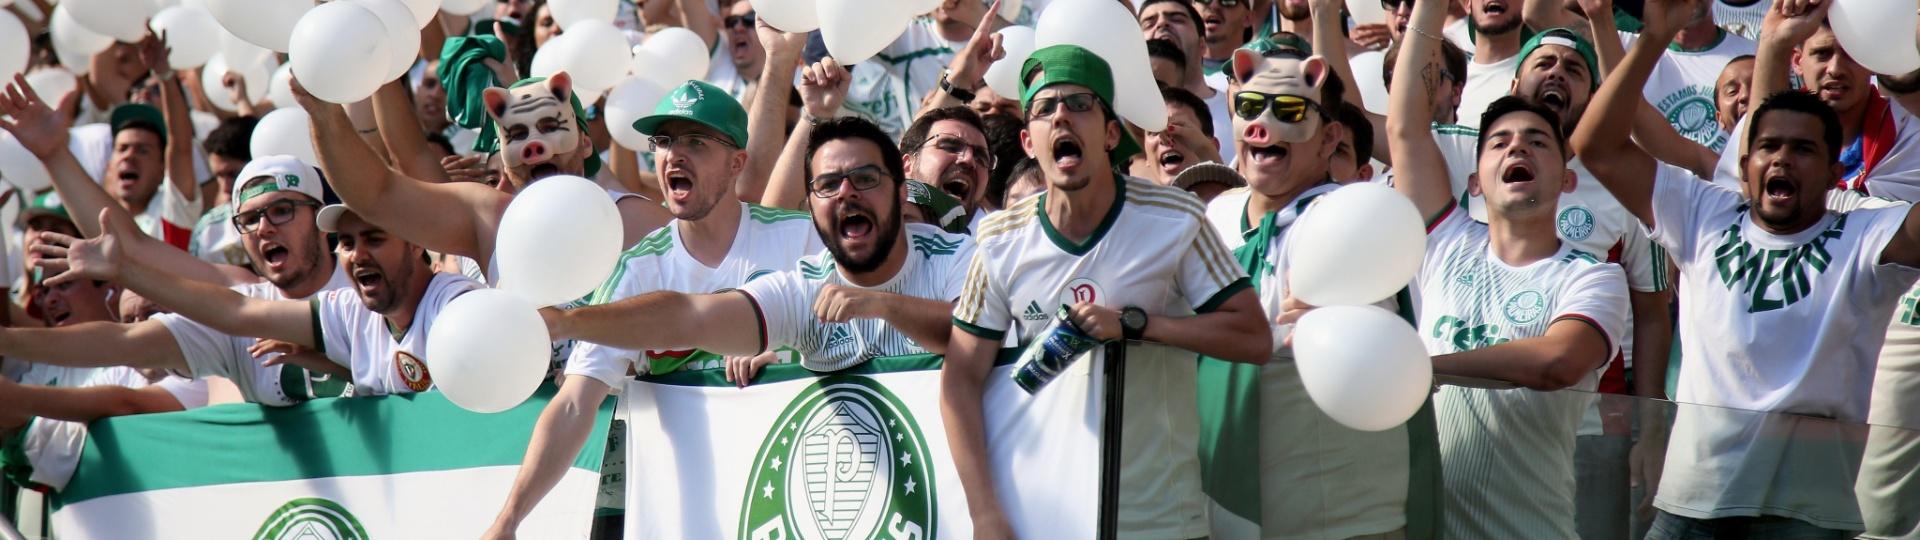 Torcida do Palmeiras incentiva o time contra o Botafogo em jogo no Allianz Parque